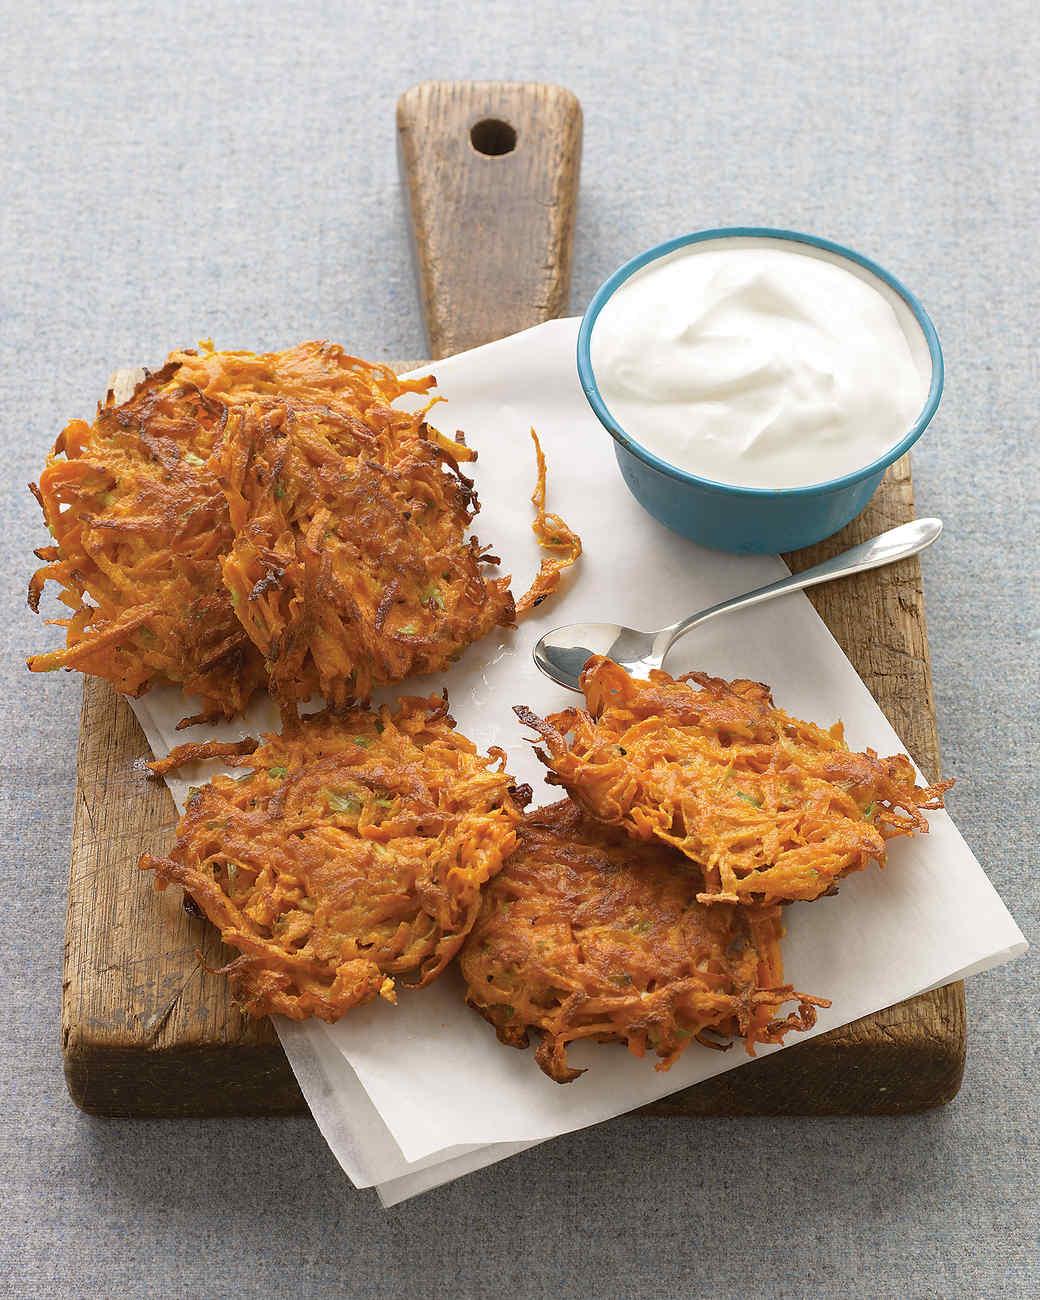 sweet-potato-pancakes-1206-med102552.jpg